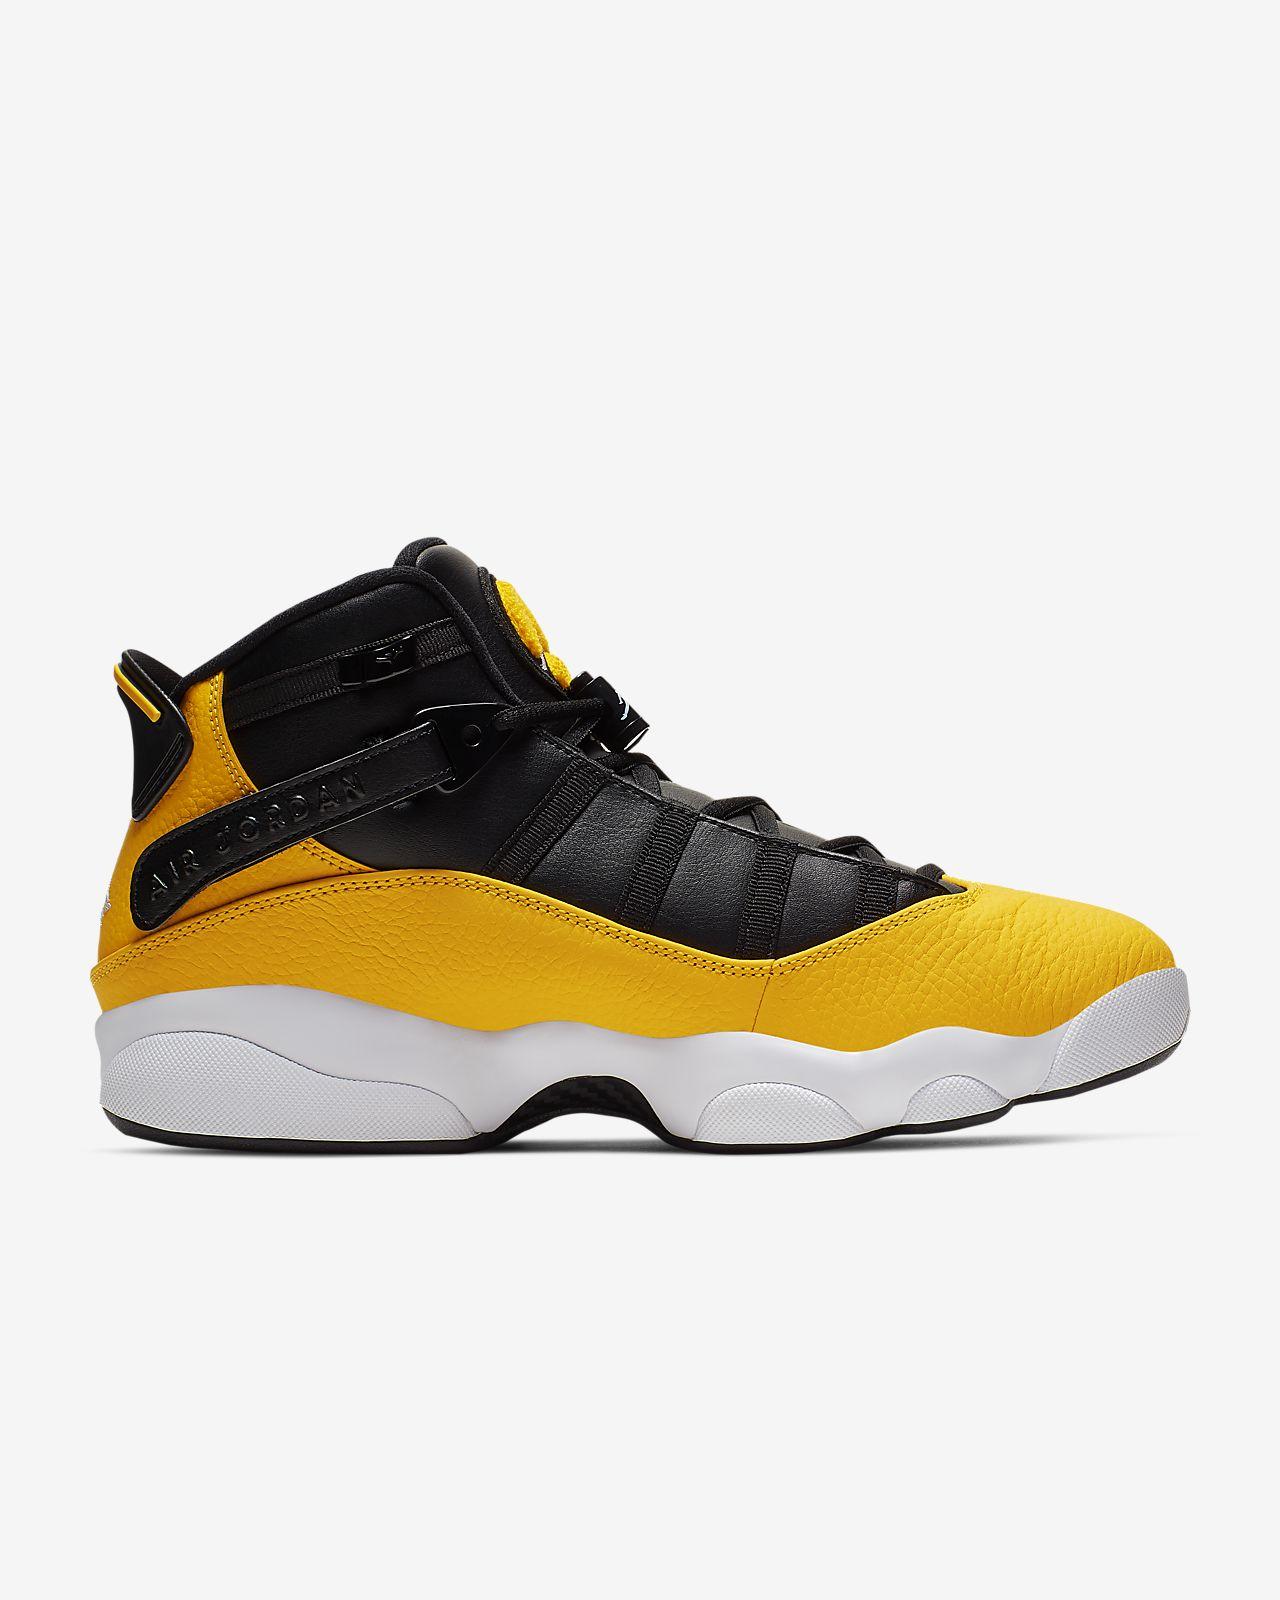 8c31997d1a Jordan 6 Rings Men's Shoe. Nike.com GB